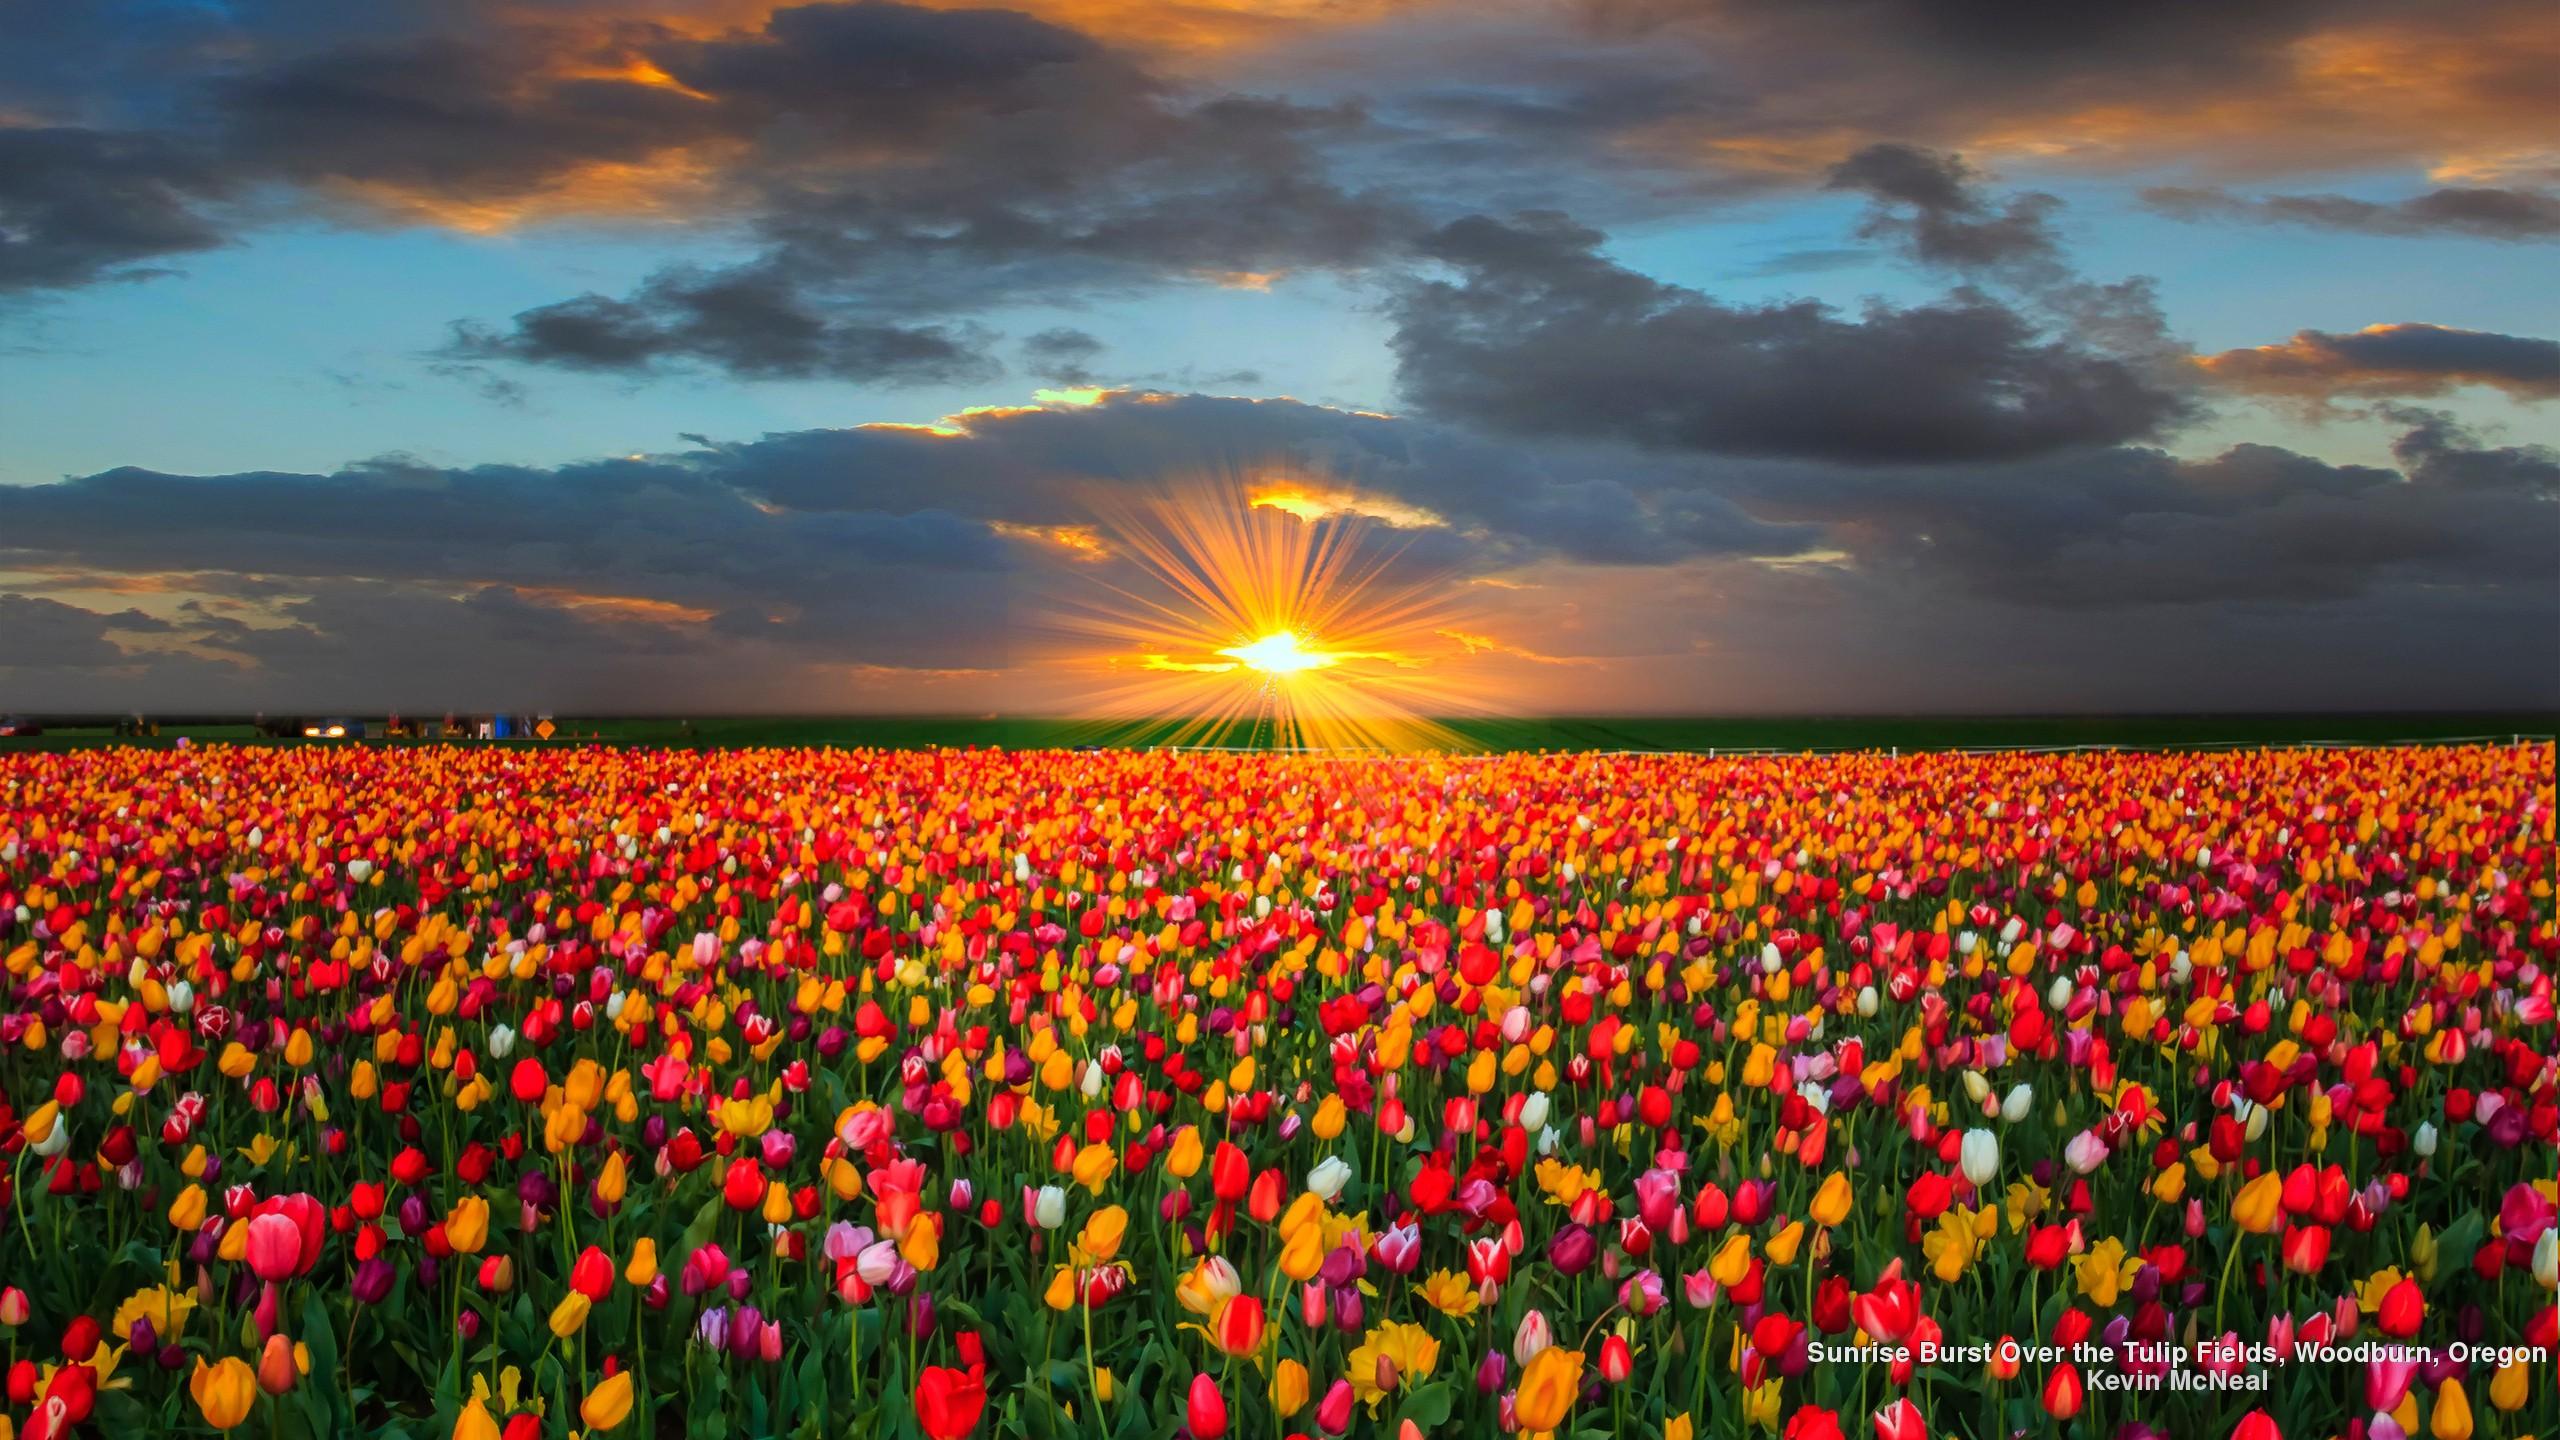 Sunflower Field Desktop Wallpapers Full Hd Is Cool Tulip Field Desktop Background 1885744 Hd Wallpaper Backgrounds Download